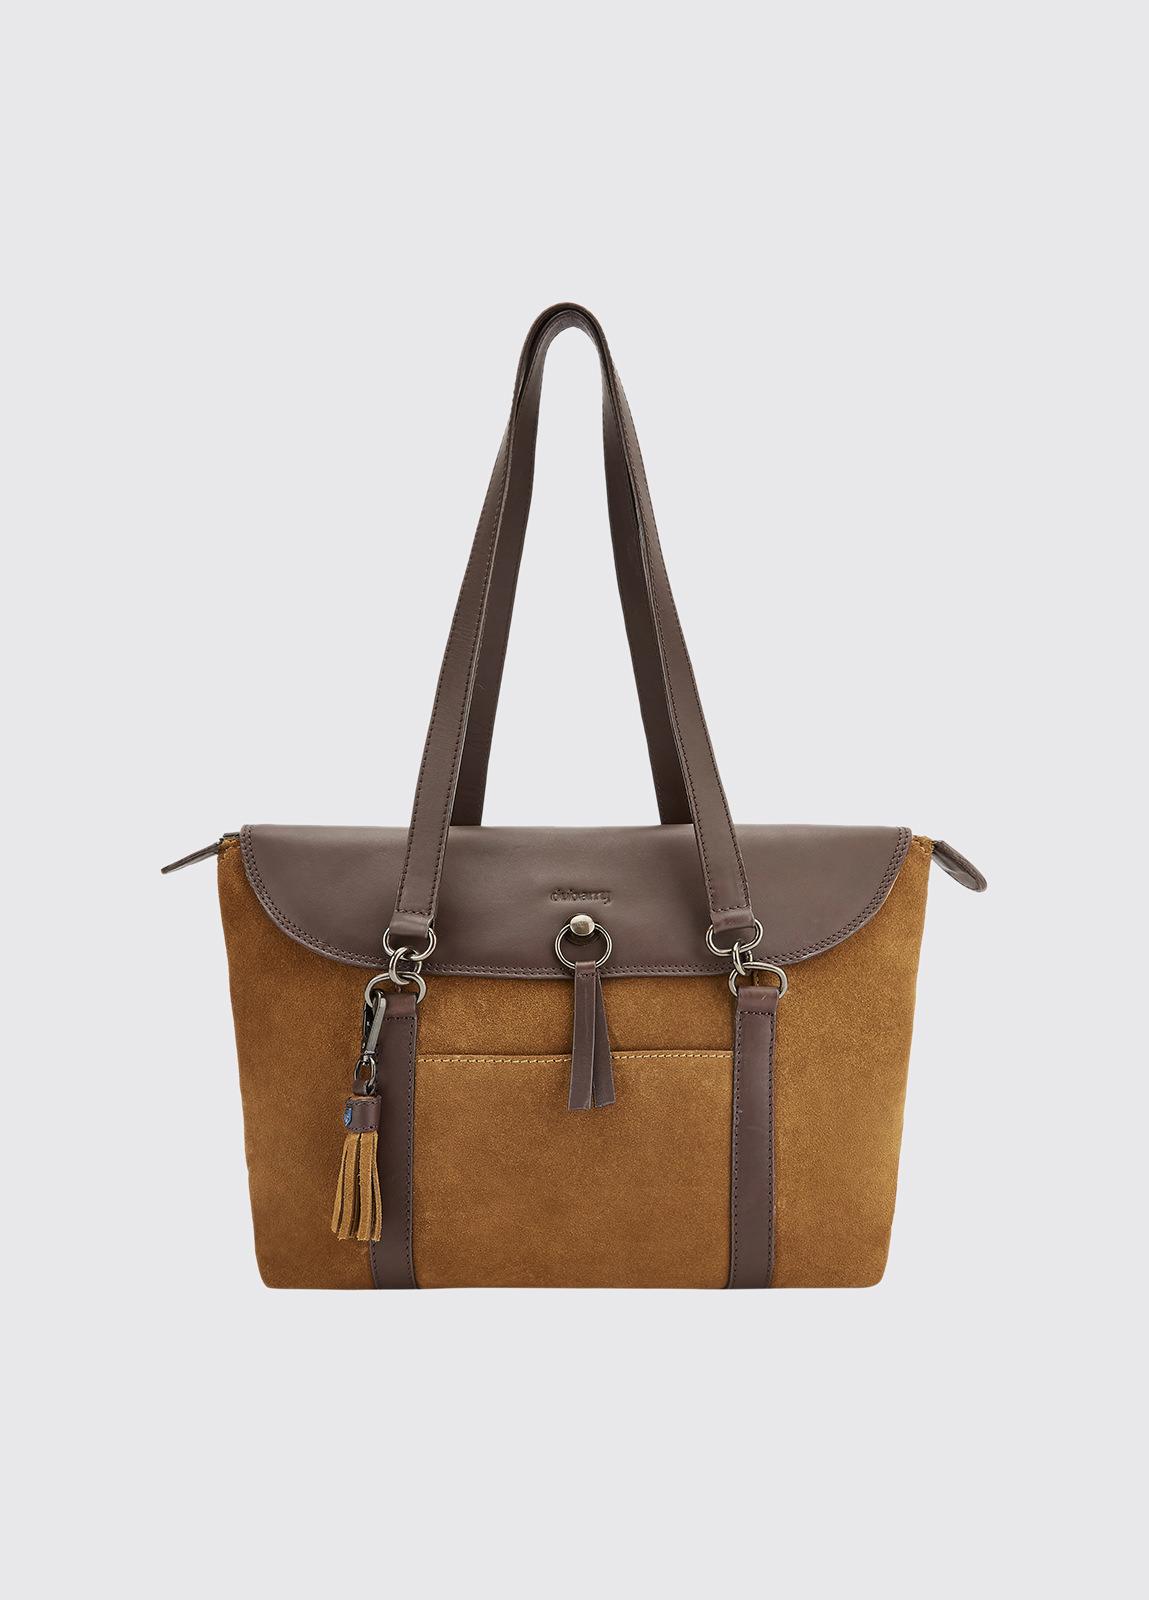 Parkhall Tote Bag - Camel